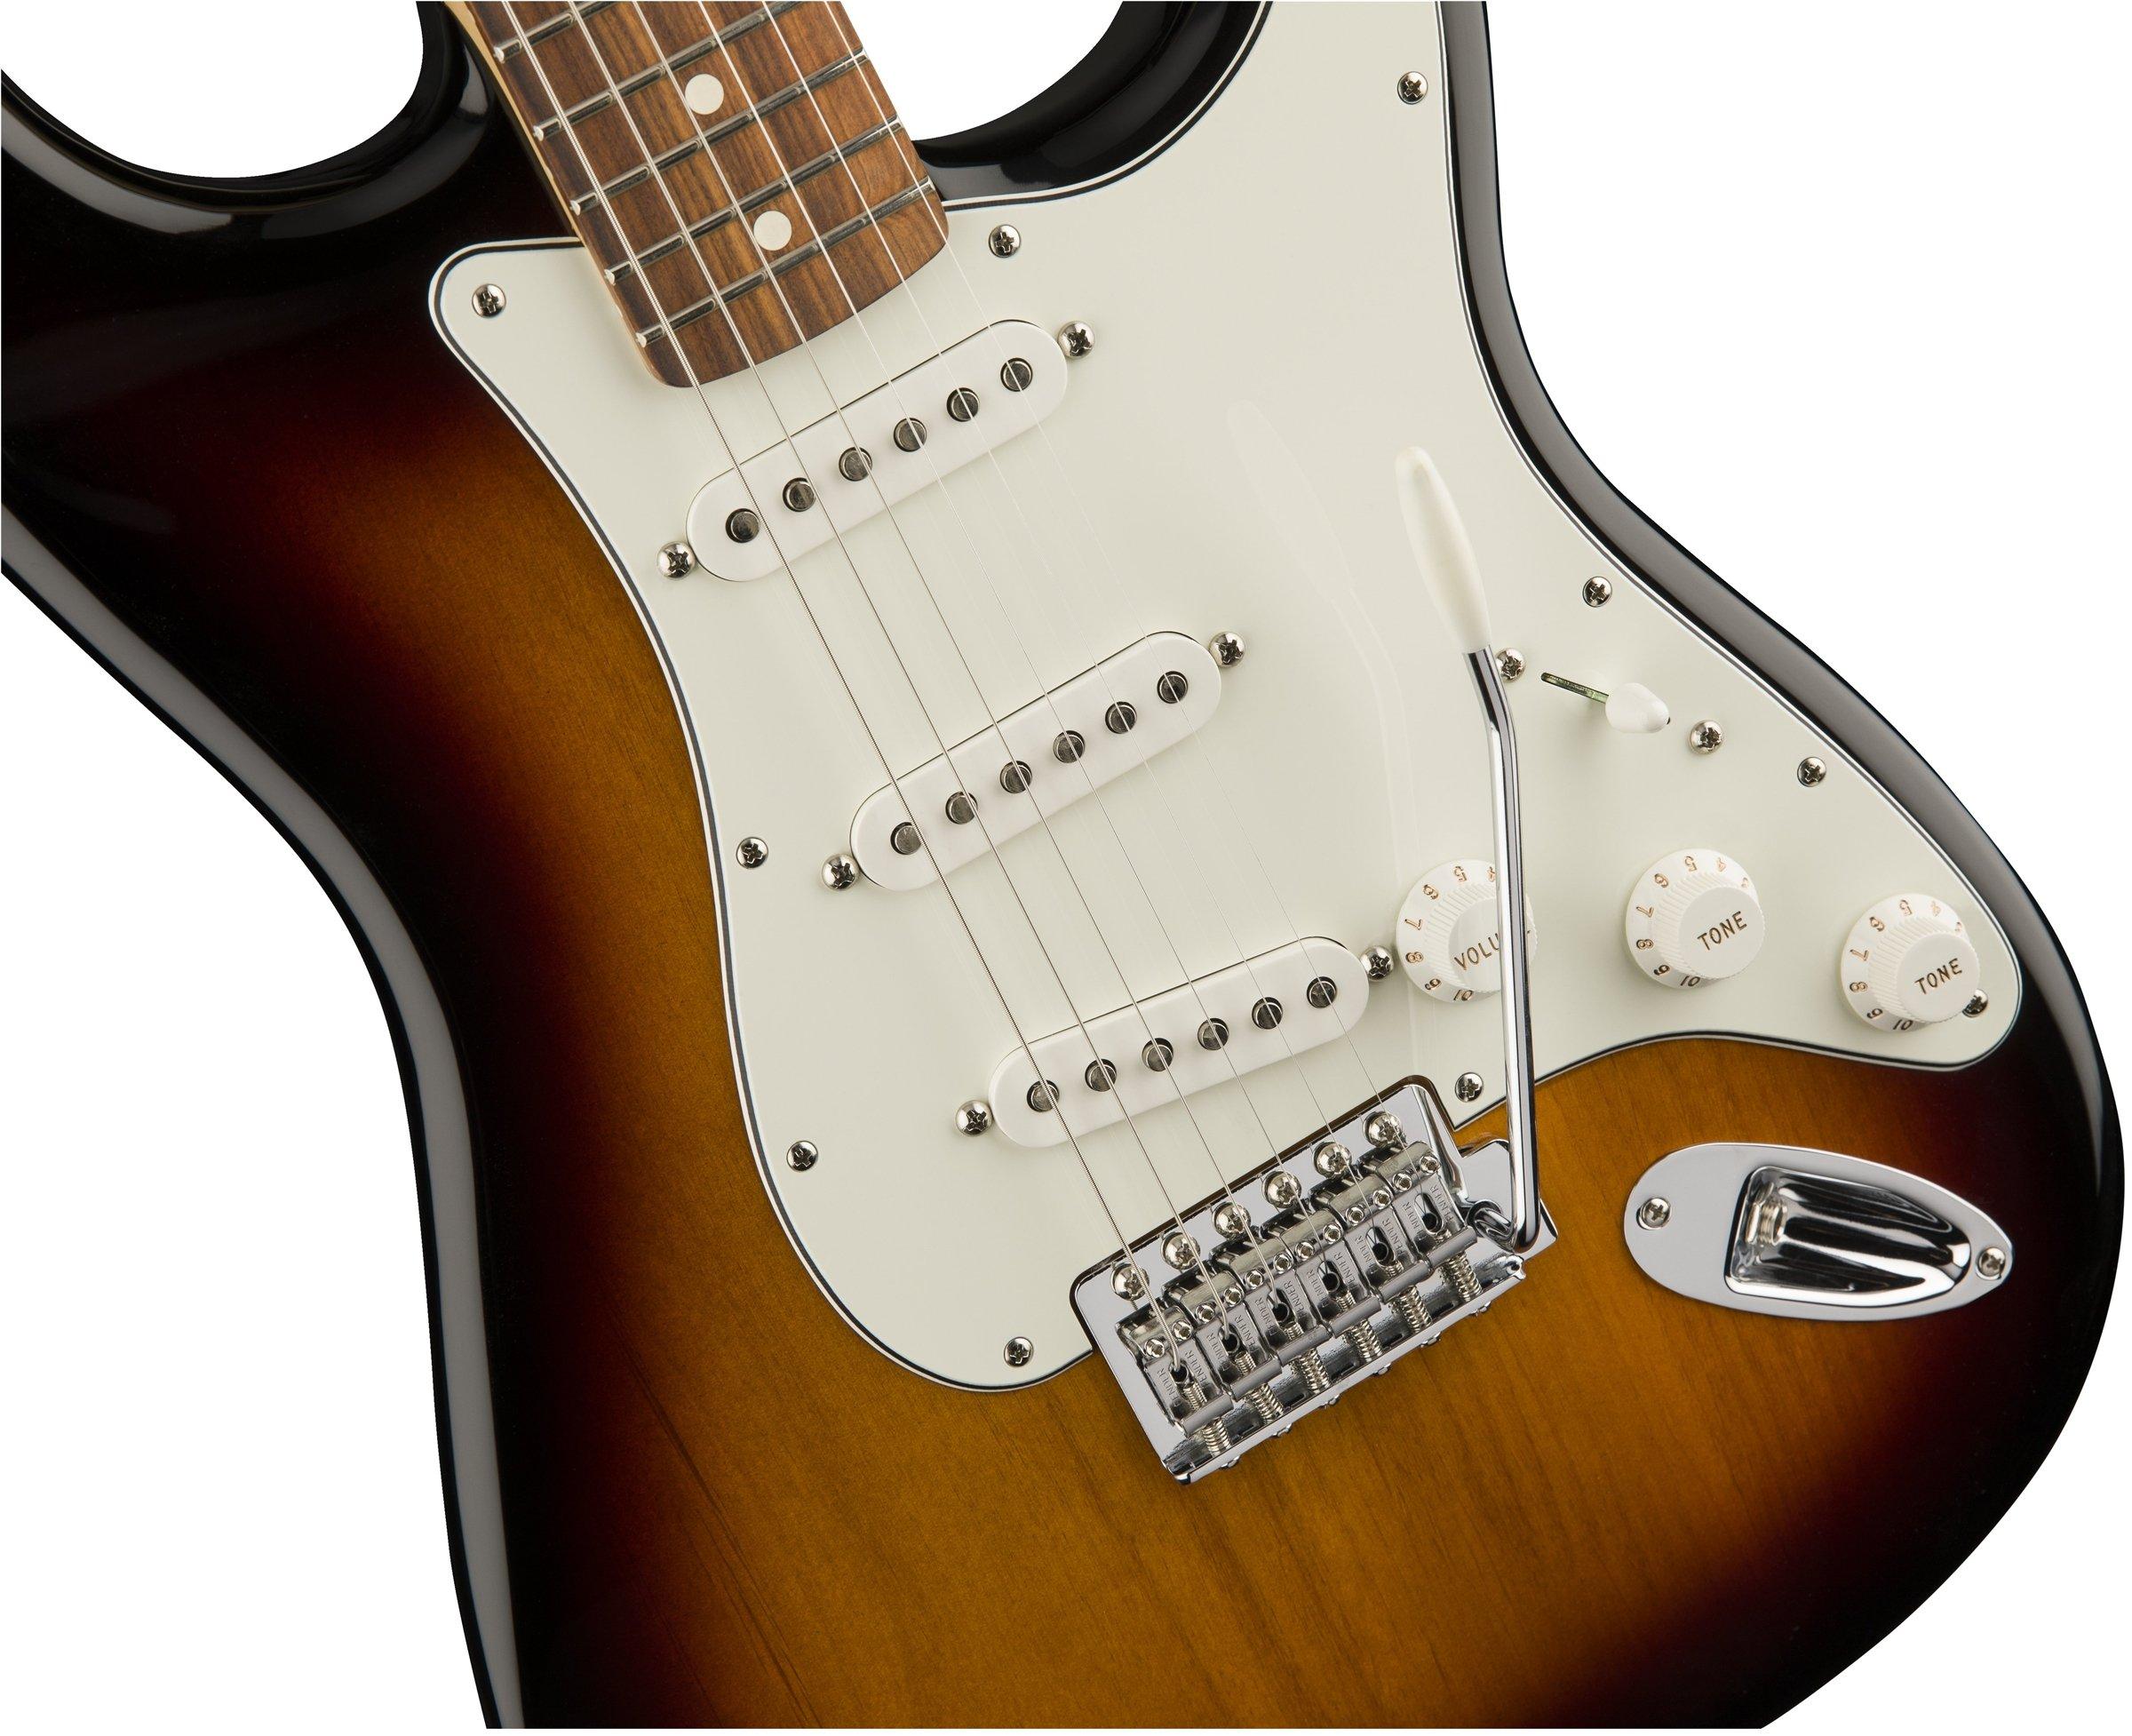 fender standard stratocaster electric guitar guitar affinity. Black Bedroom Furniture Sets. Home Design Ideas